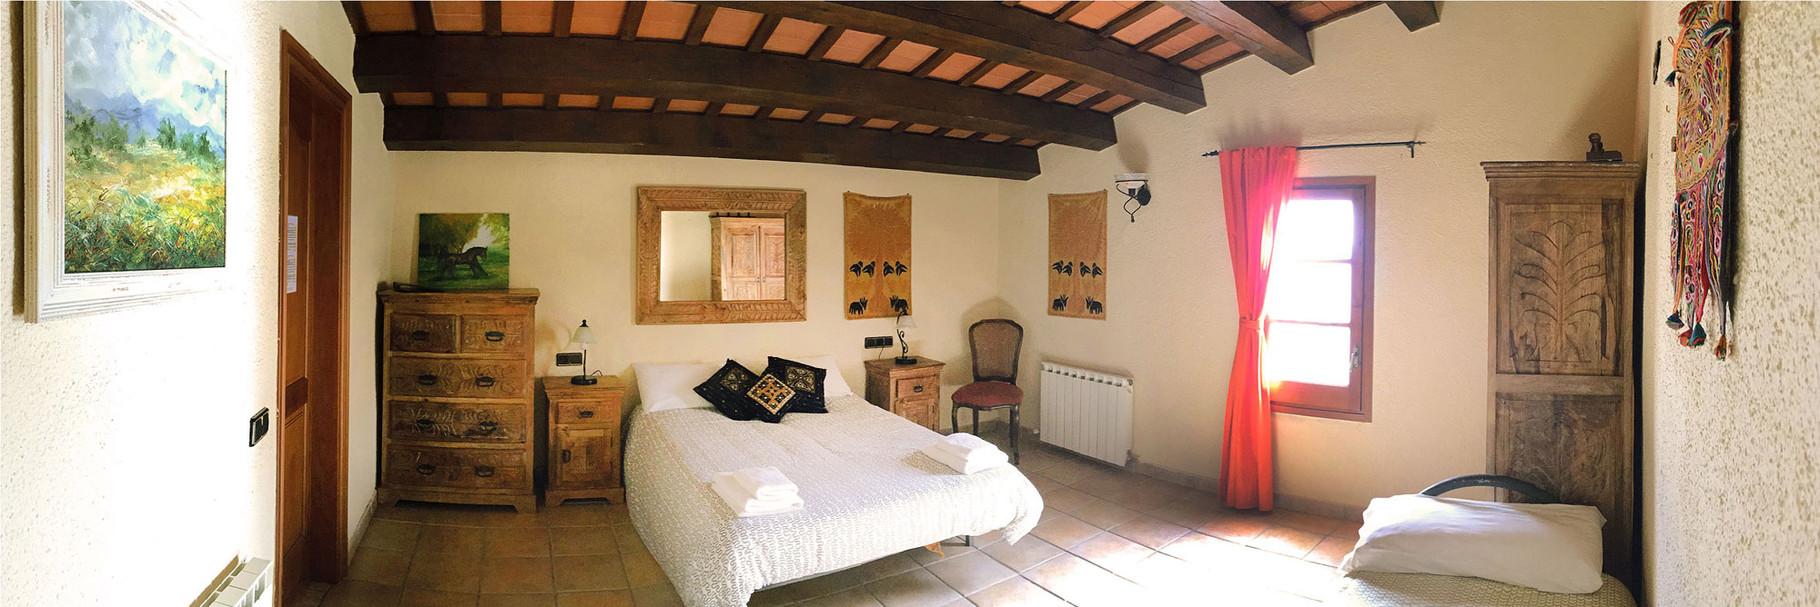 Amplia habitación tipo suite